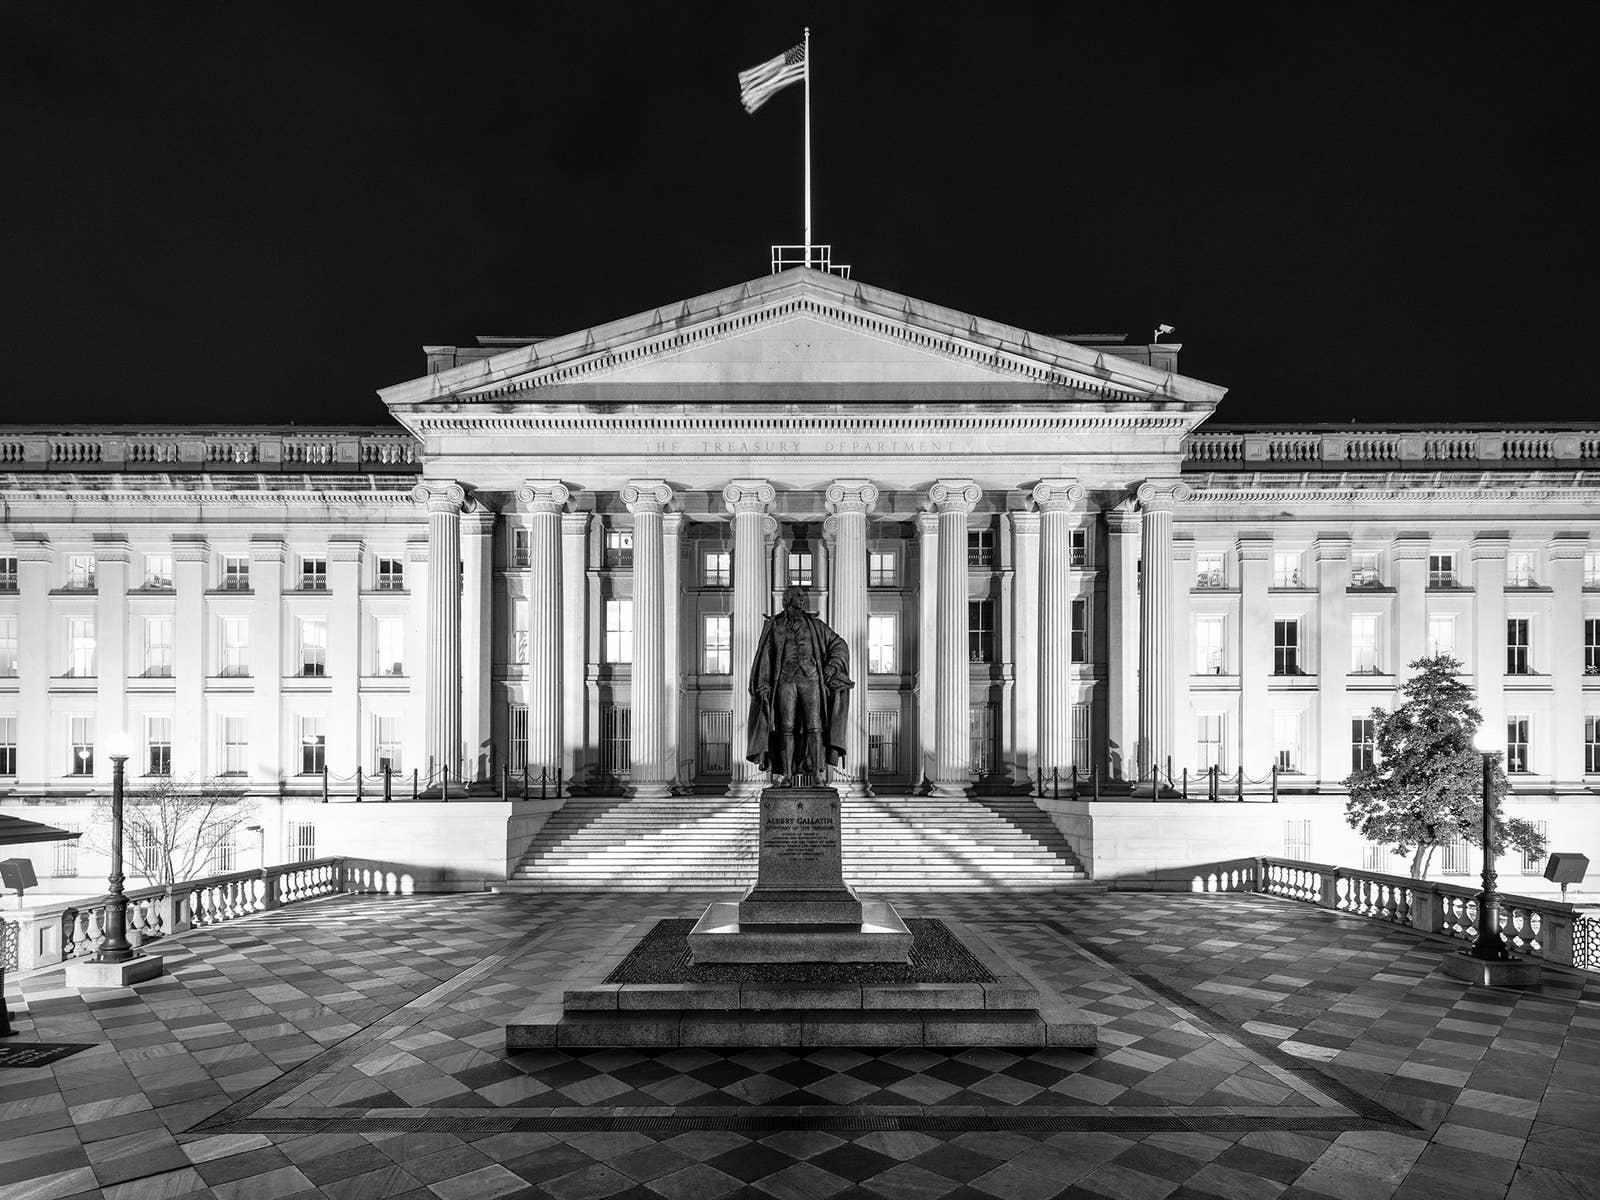 ESCÁNDALO!!!: El dinero sucio llega a los bancos más poderosos del mundo y  el gobierno de Estados Unidos lo permite. | Cubano y punto